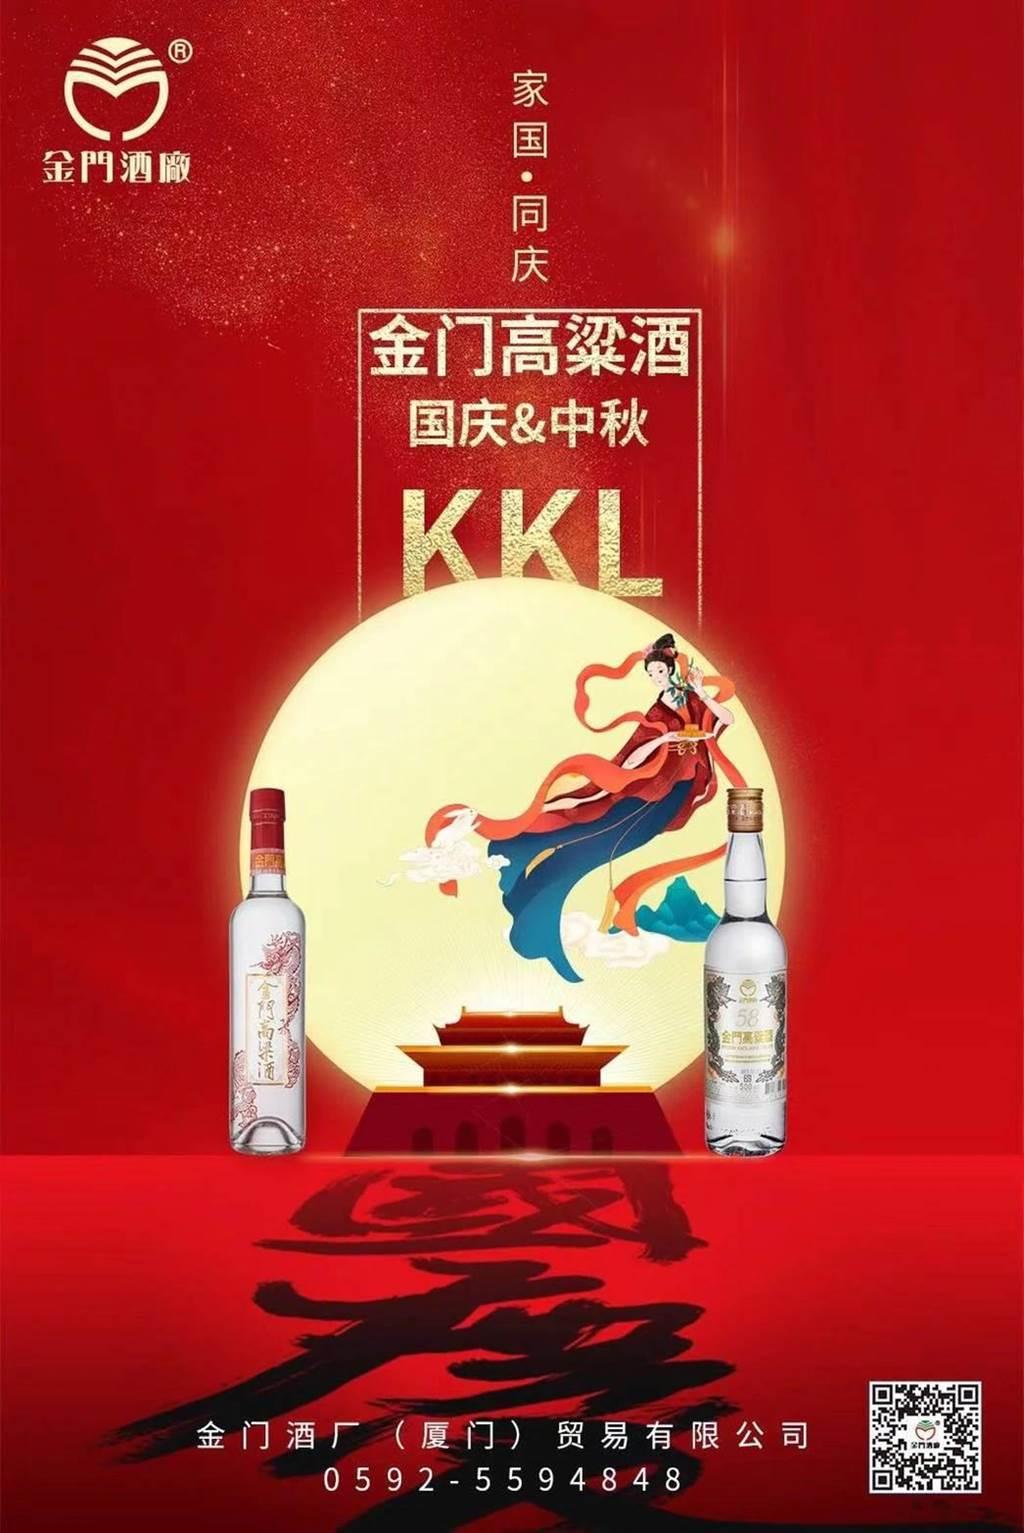 金酒在大陸的廣告文宣有「家國同慶」字樣,引來外界批評。(取材自大陸微信網站)